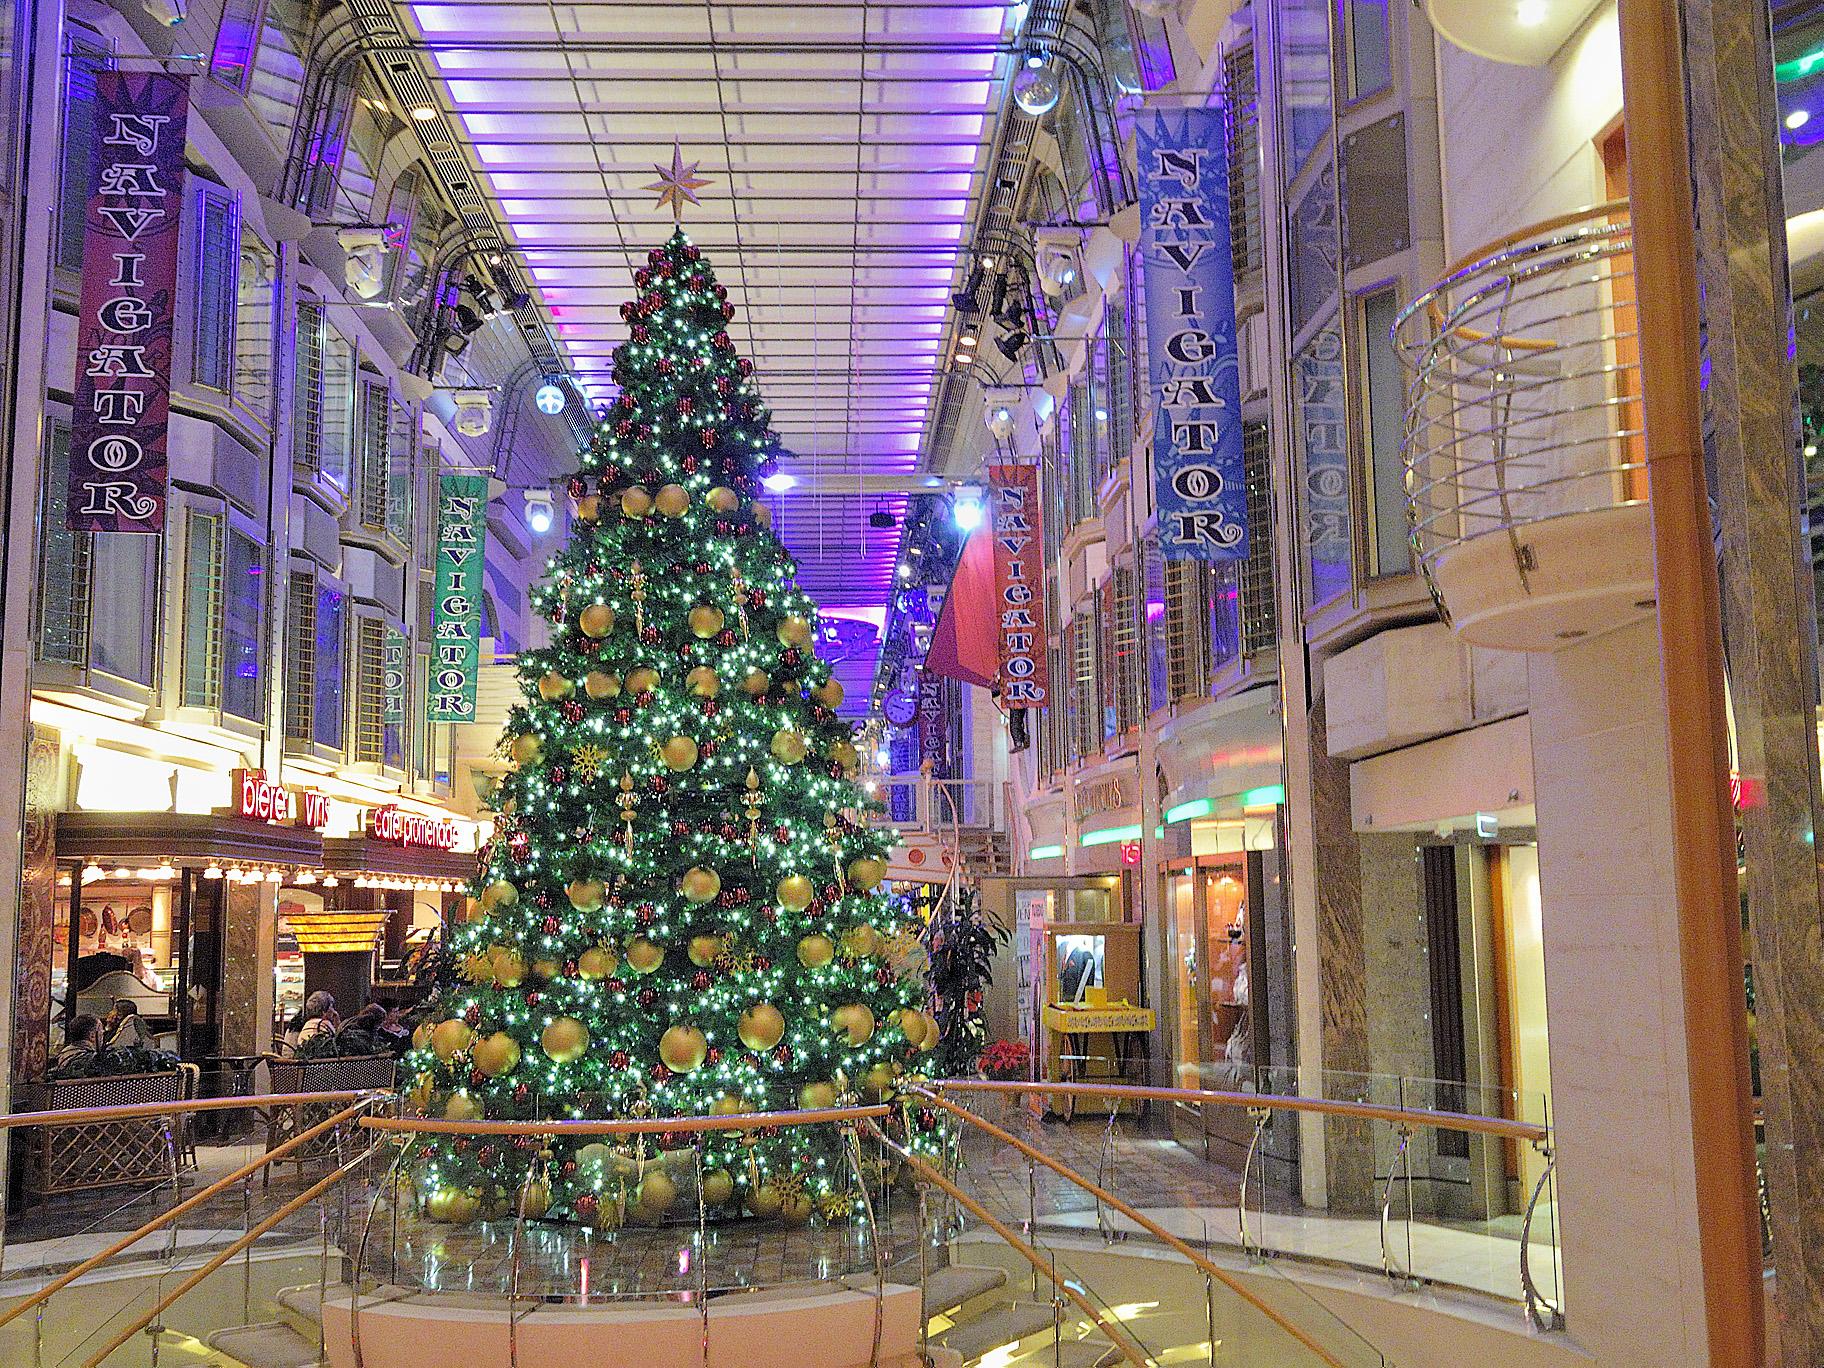 Royal Promenade decorated in December